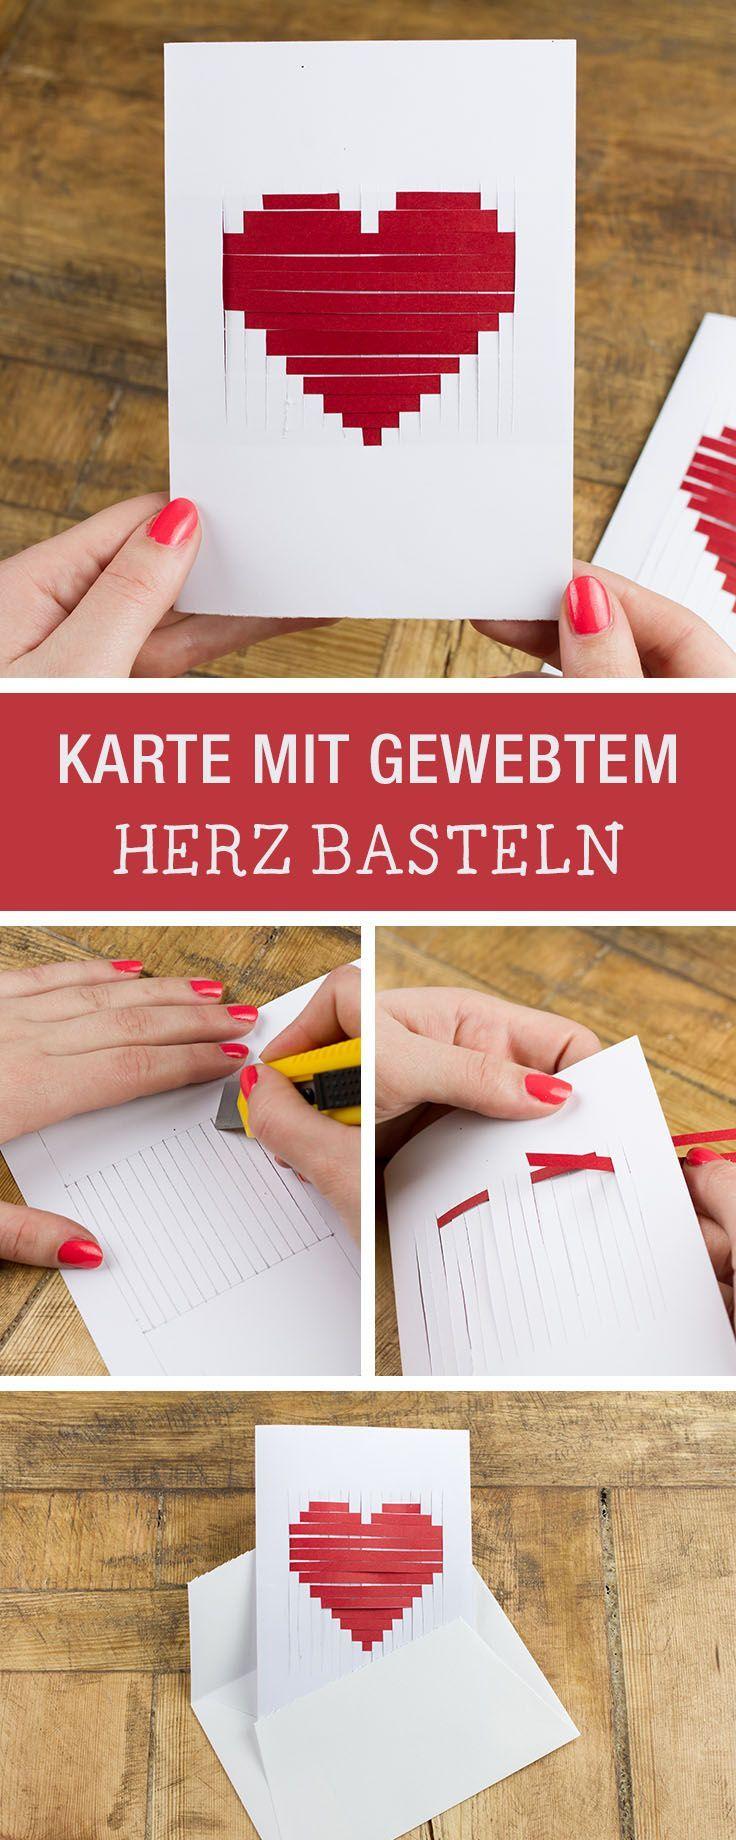 Grußkarte Basteln: Gewebtes Herz Aus Papier Als Valentinstagsgeschenk / Diy  Greeting Cards For Valentineu0027s Day